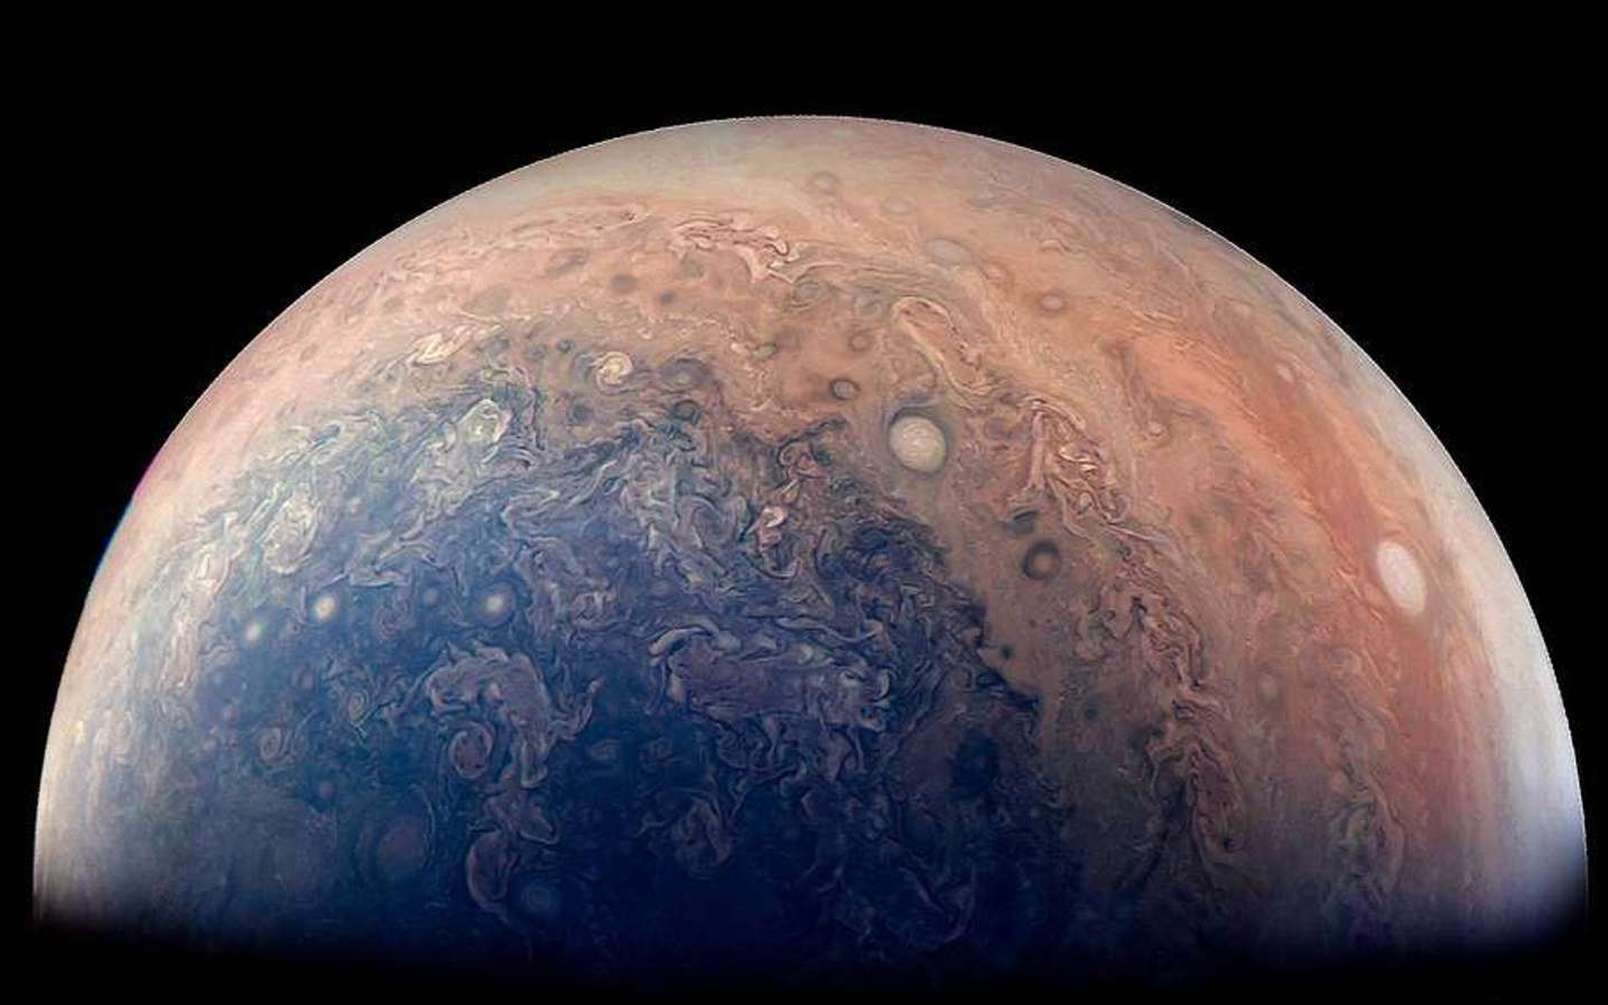 Une vue du pôle sud de Jupiter prise par la sonde Juno. Le traitement de Gabriel Fiset, citizen scientist (scientifique citoyen), accentue le contraste entre les différents motifs dans la haute atmosphère. © Nasa, JPL-Caltech, SwRI, MSSS, Gabriel Fiset